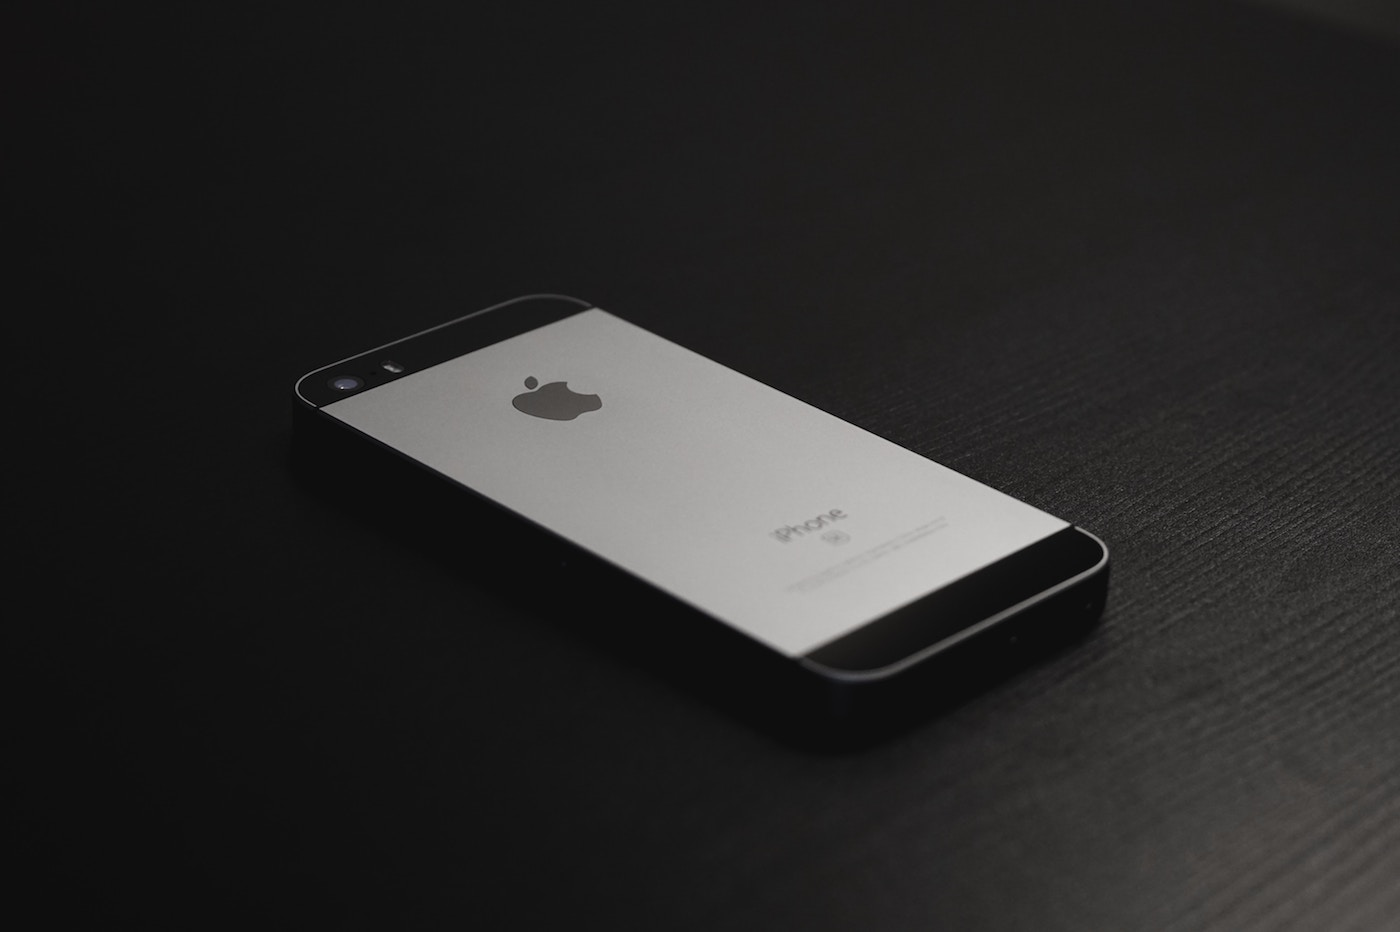 Possesseurs d'iPhone 5, mettez rapidement votre OS à jour !